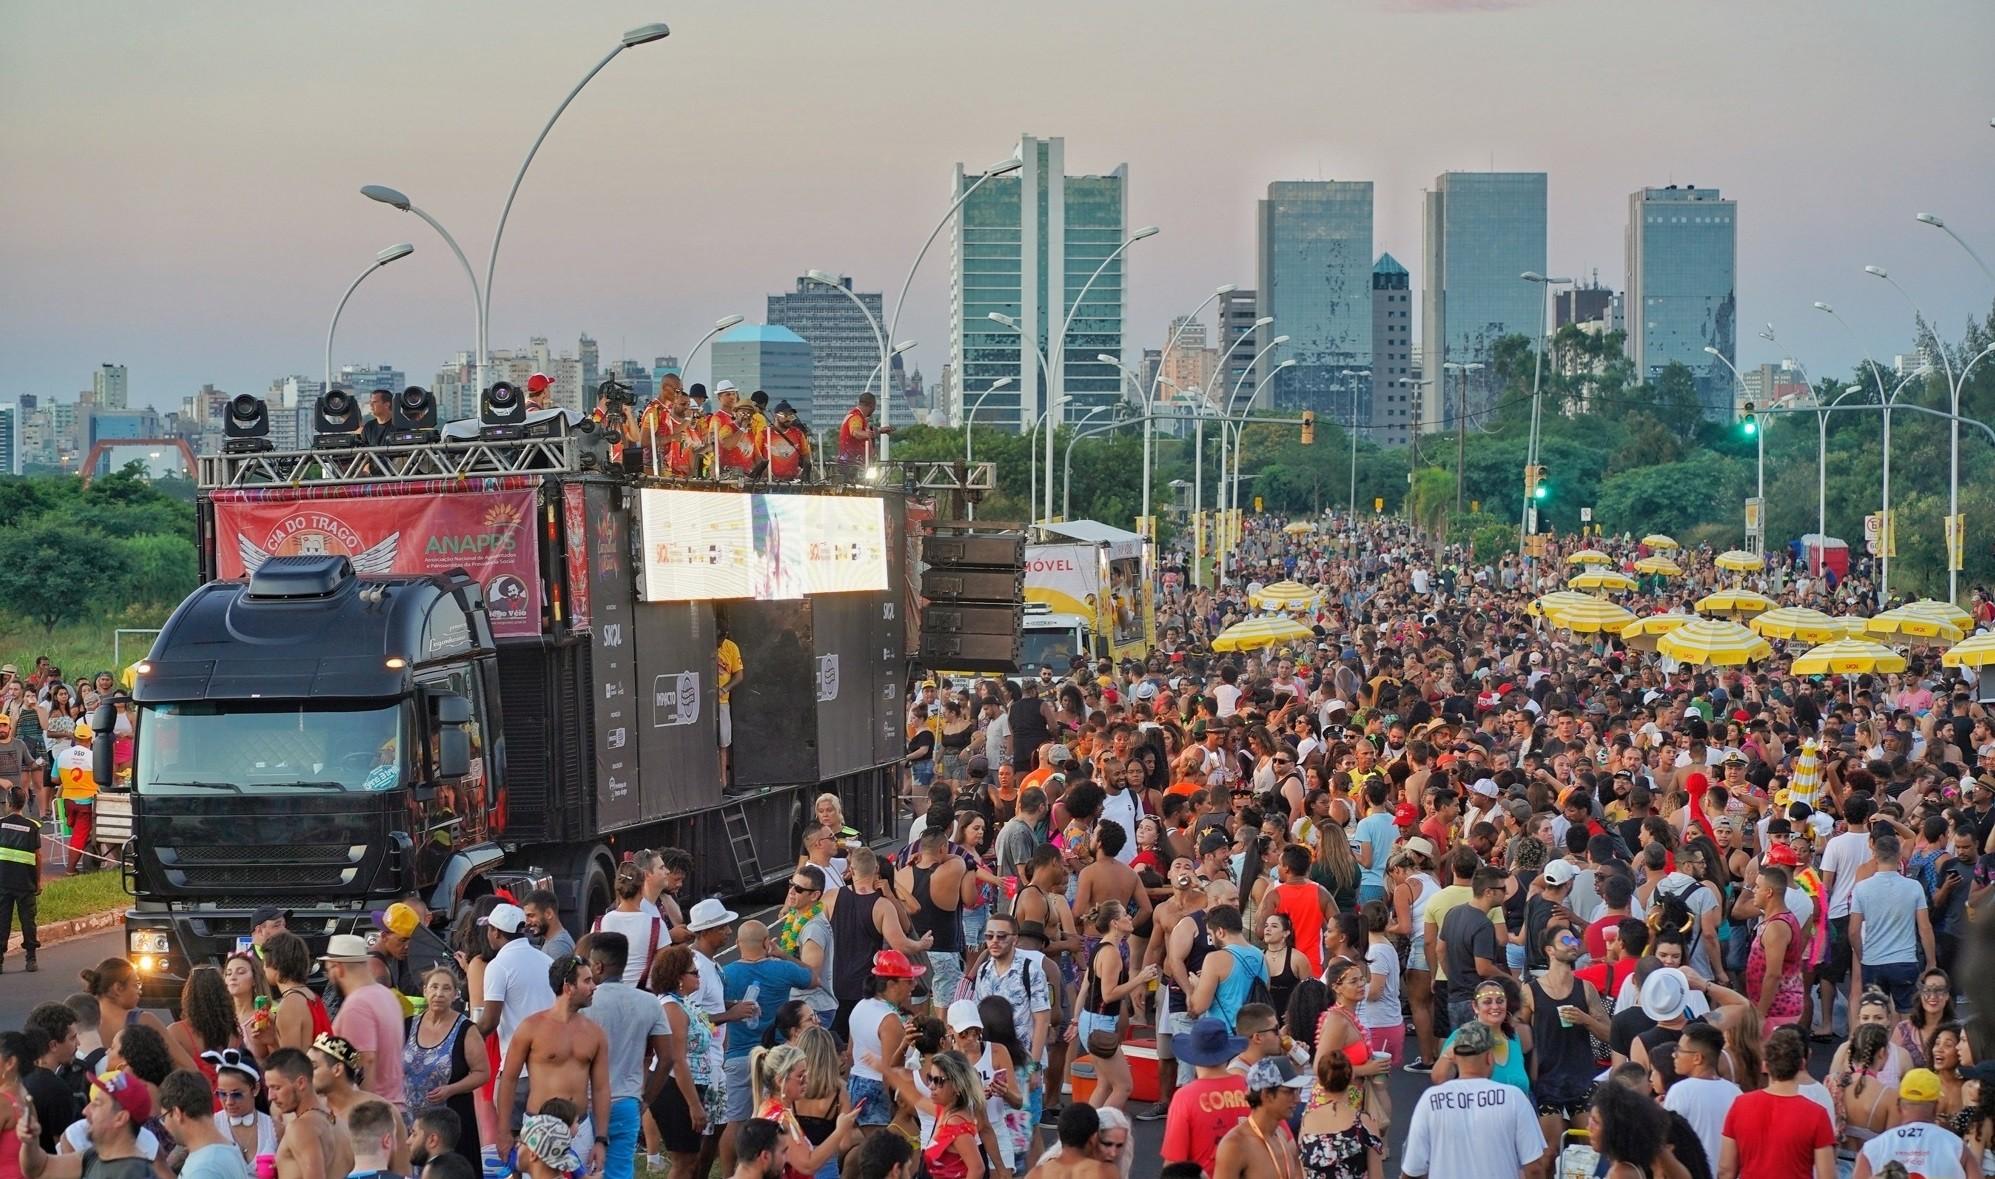 Carnaval de rua começa neste sábado em Porto Alegre; confira a programação